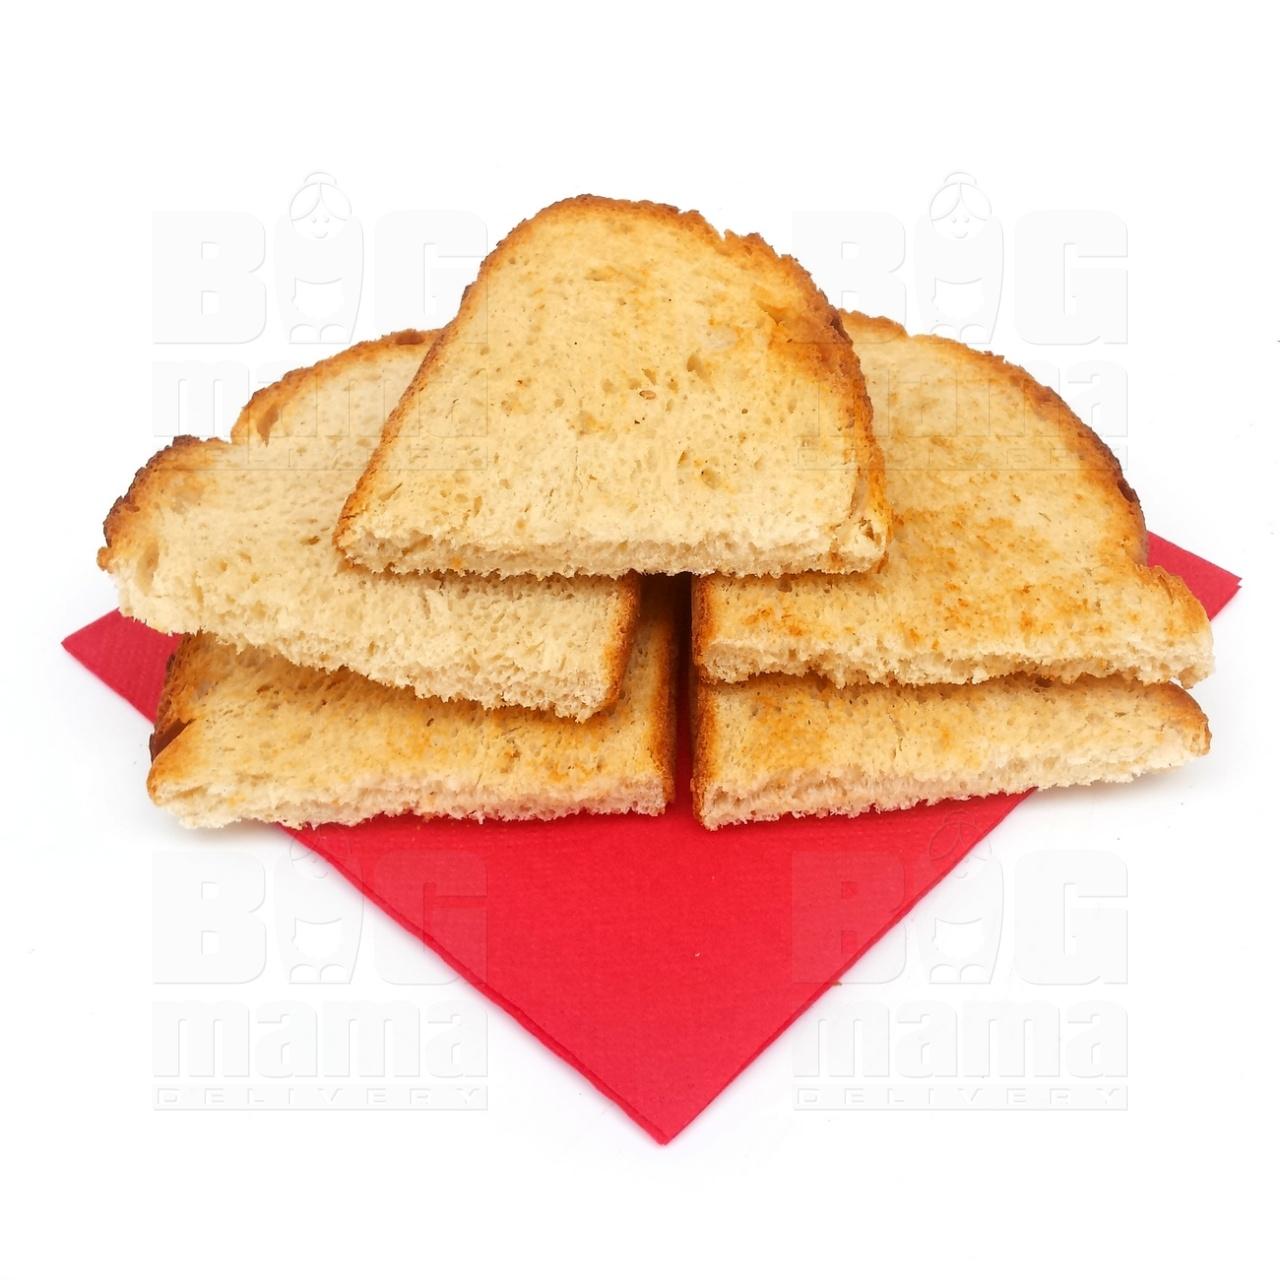 Product #164 image - Pâine prăjită